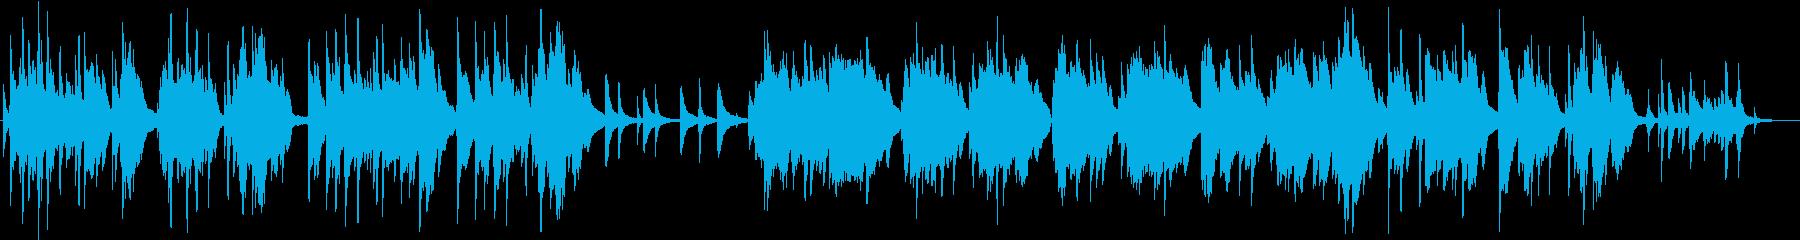 ピアノソロ グリーンスリーブス 切ないの再生済みの波形